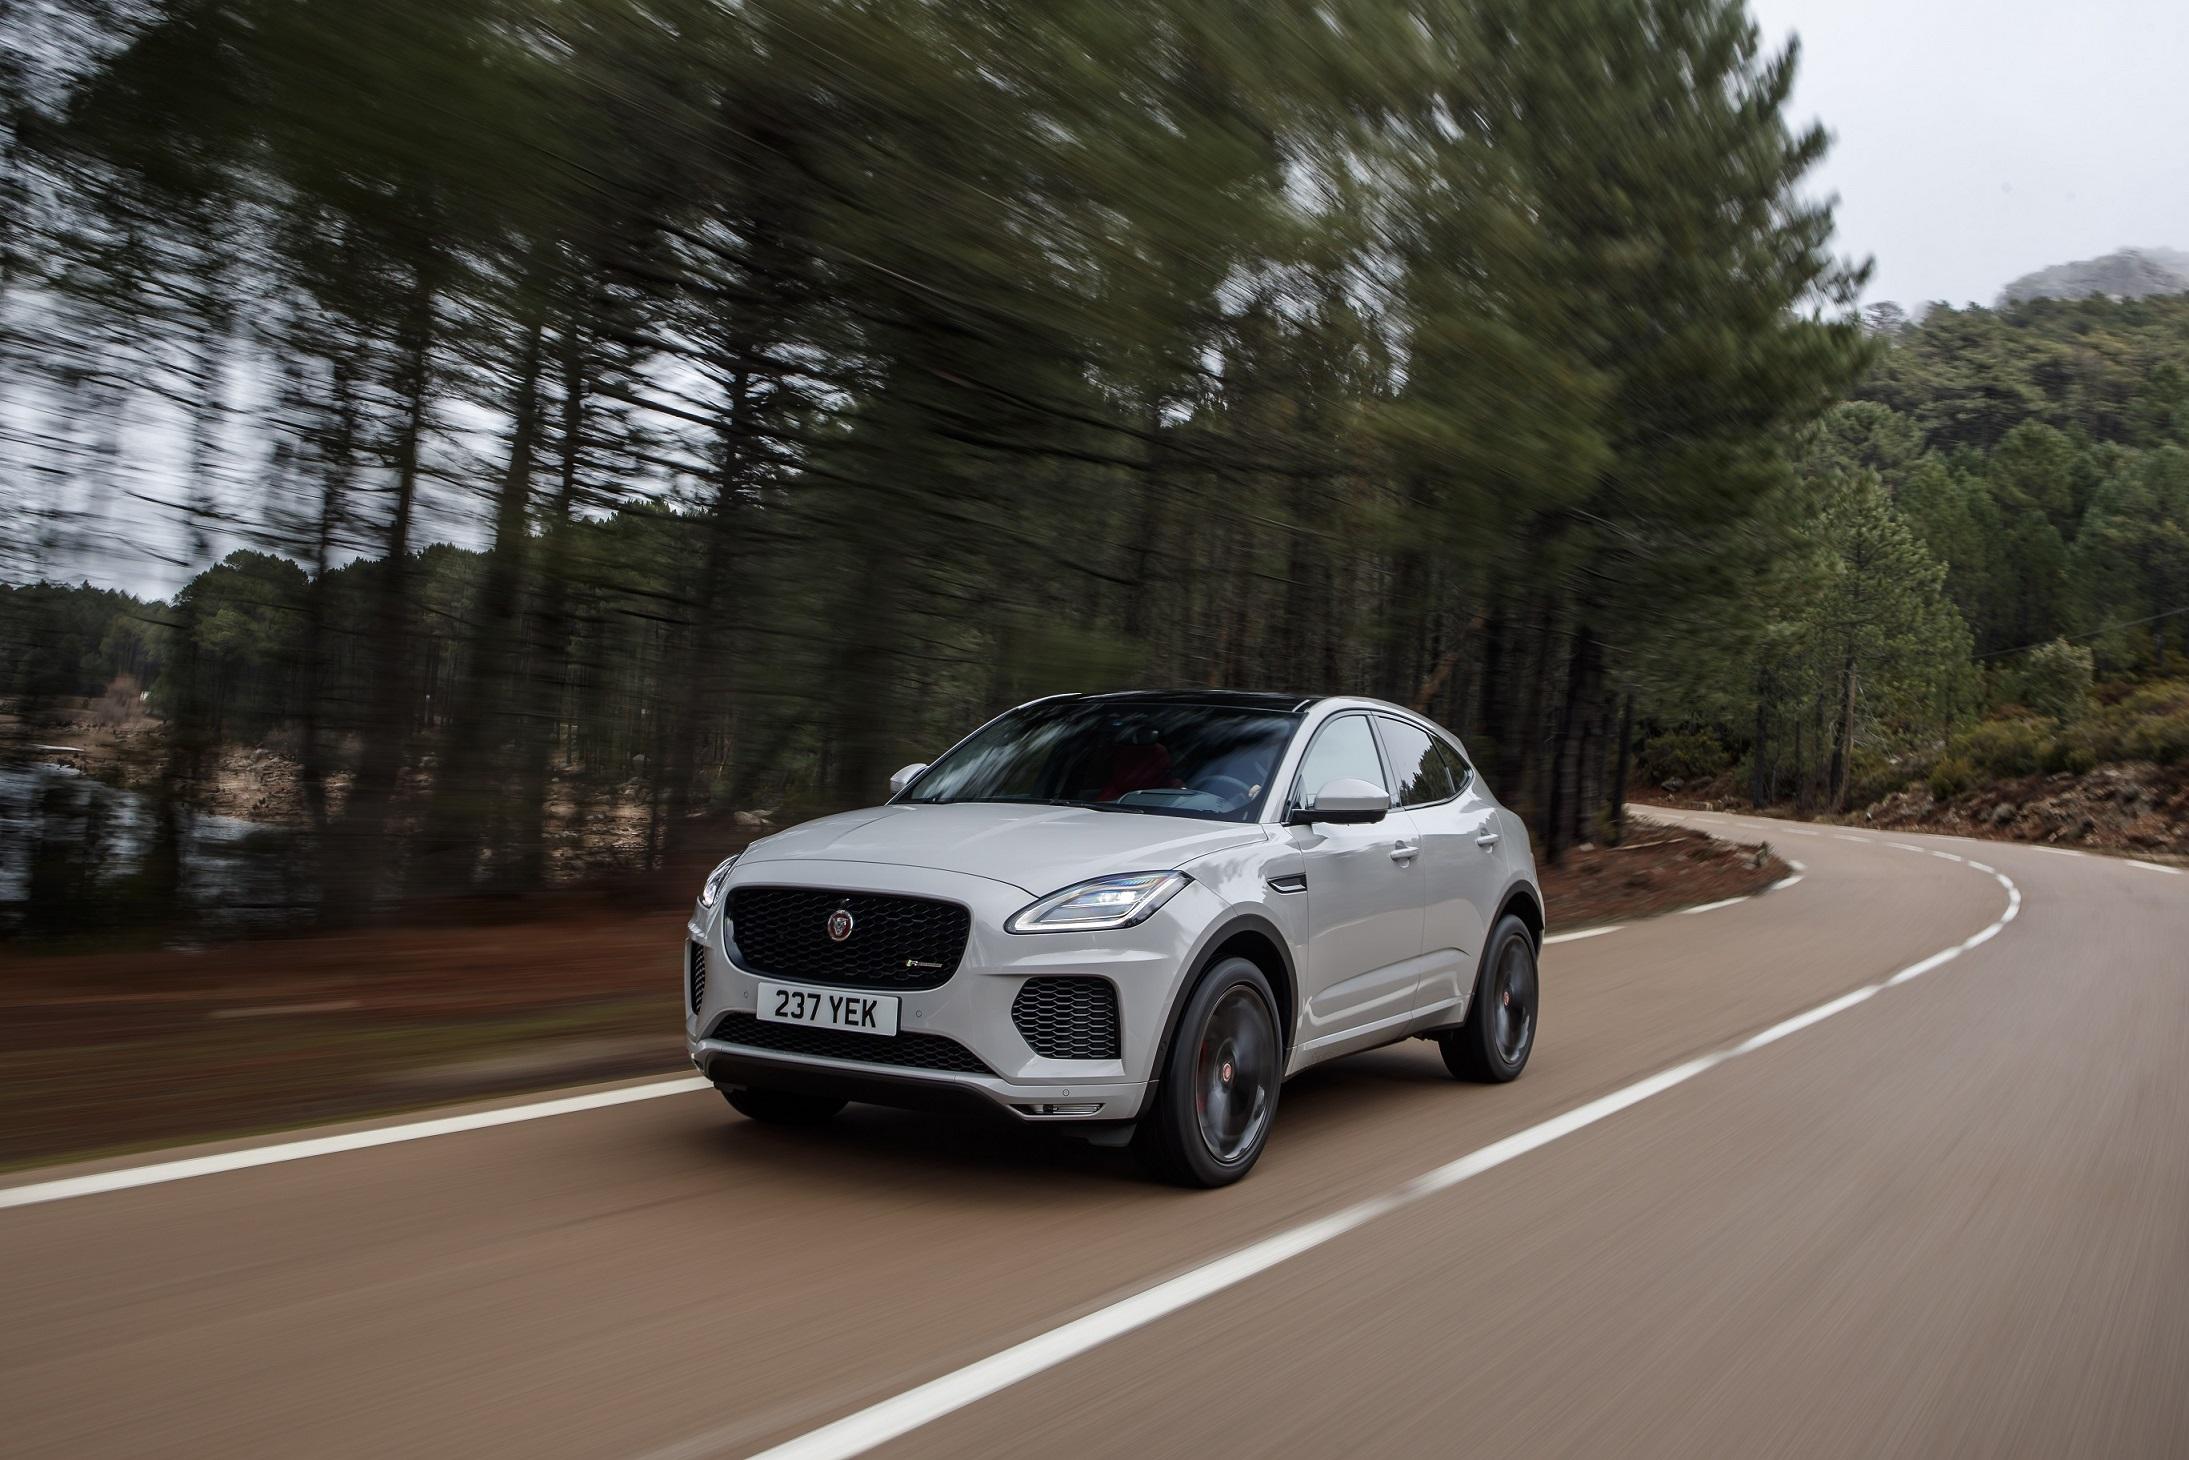 Jaguar Develops Technology to Warn Motorists of Fatigue